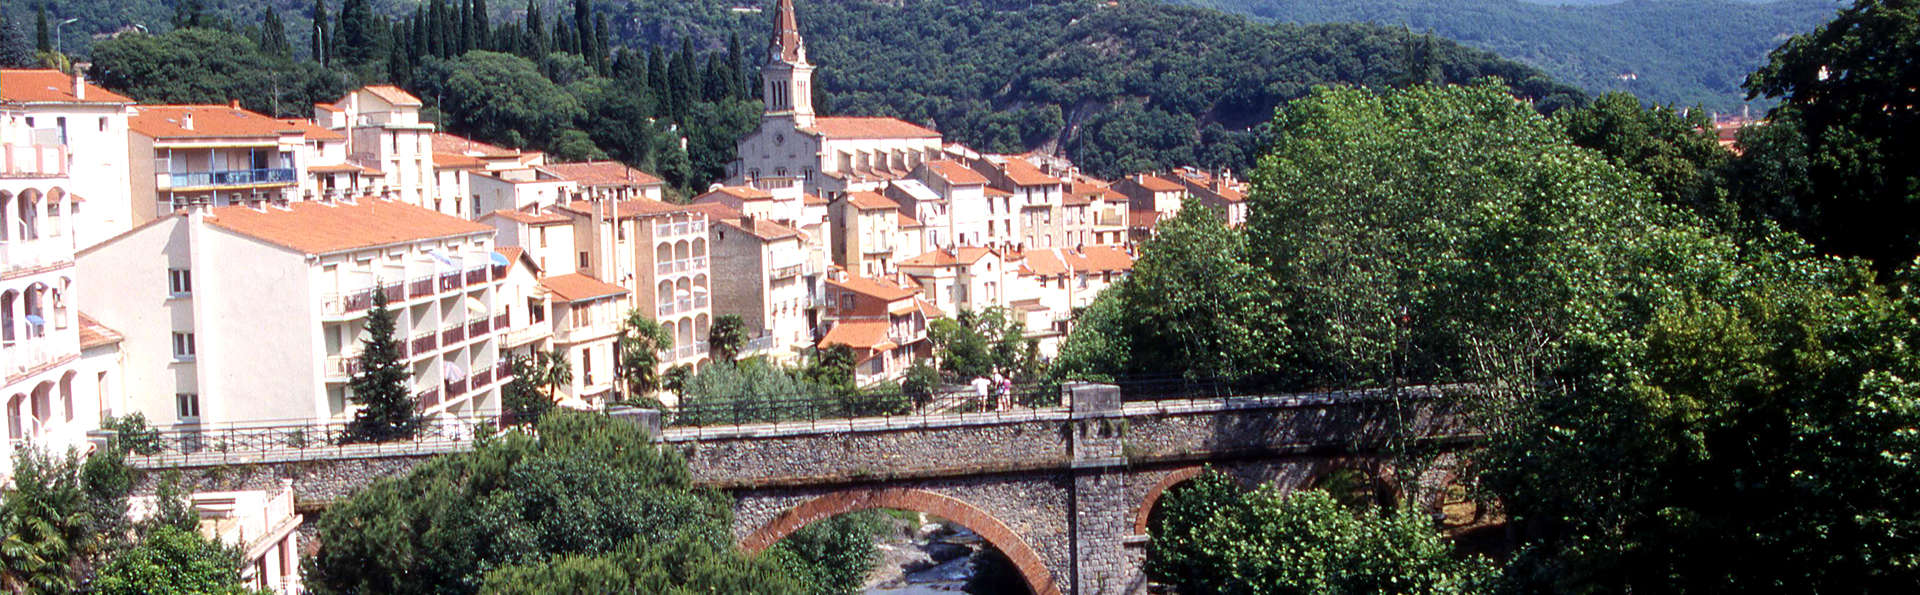 Week-end entre mer et montagne près de Perpignan ( avec vue sur la rivière)